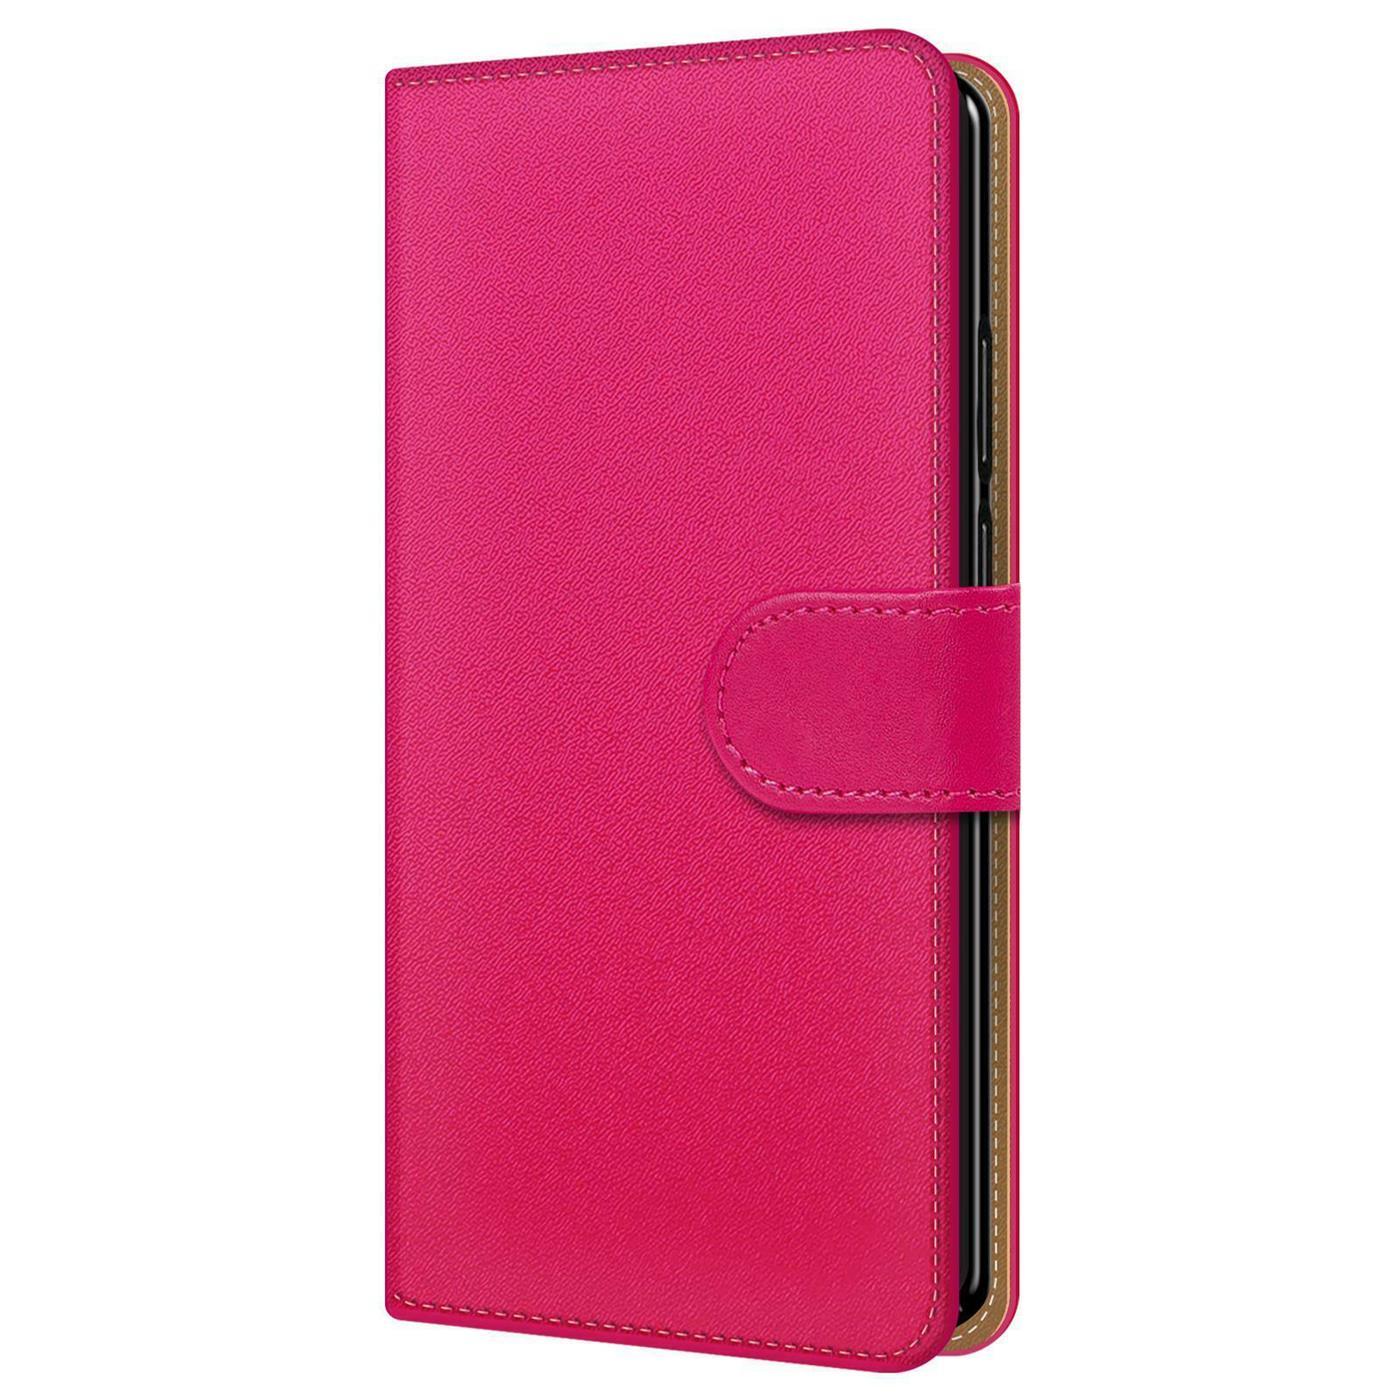 Samsung-Galaxy-A7-2018-Handy-Klapp-Tasche-Schutz-Huelle-Book-Flip-Cover-Case-Etui Indexbild 20